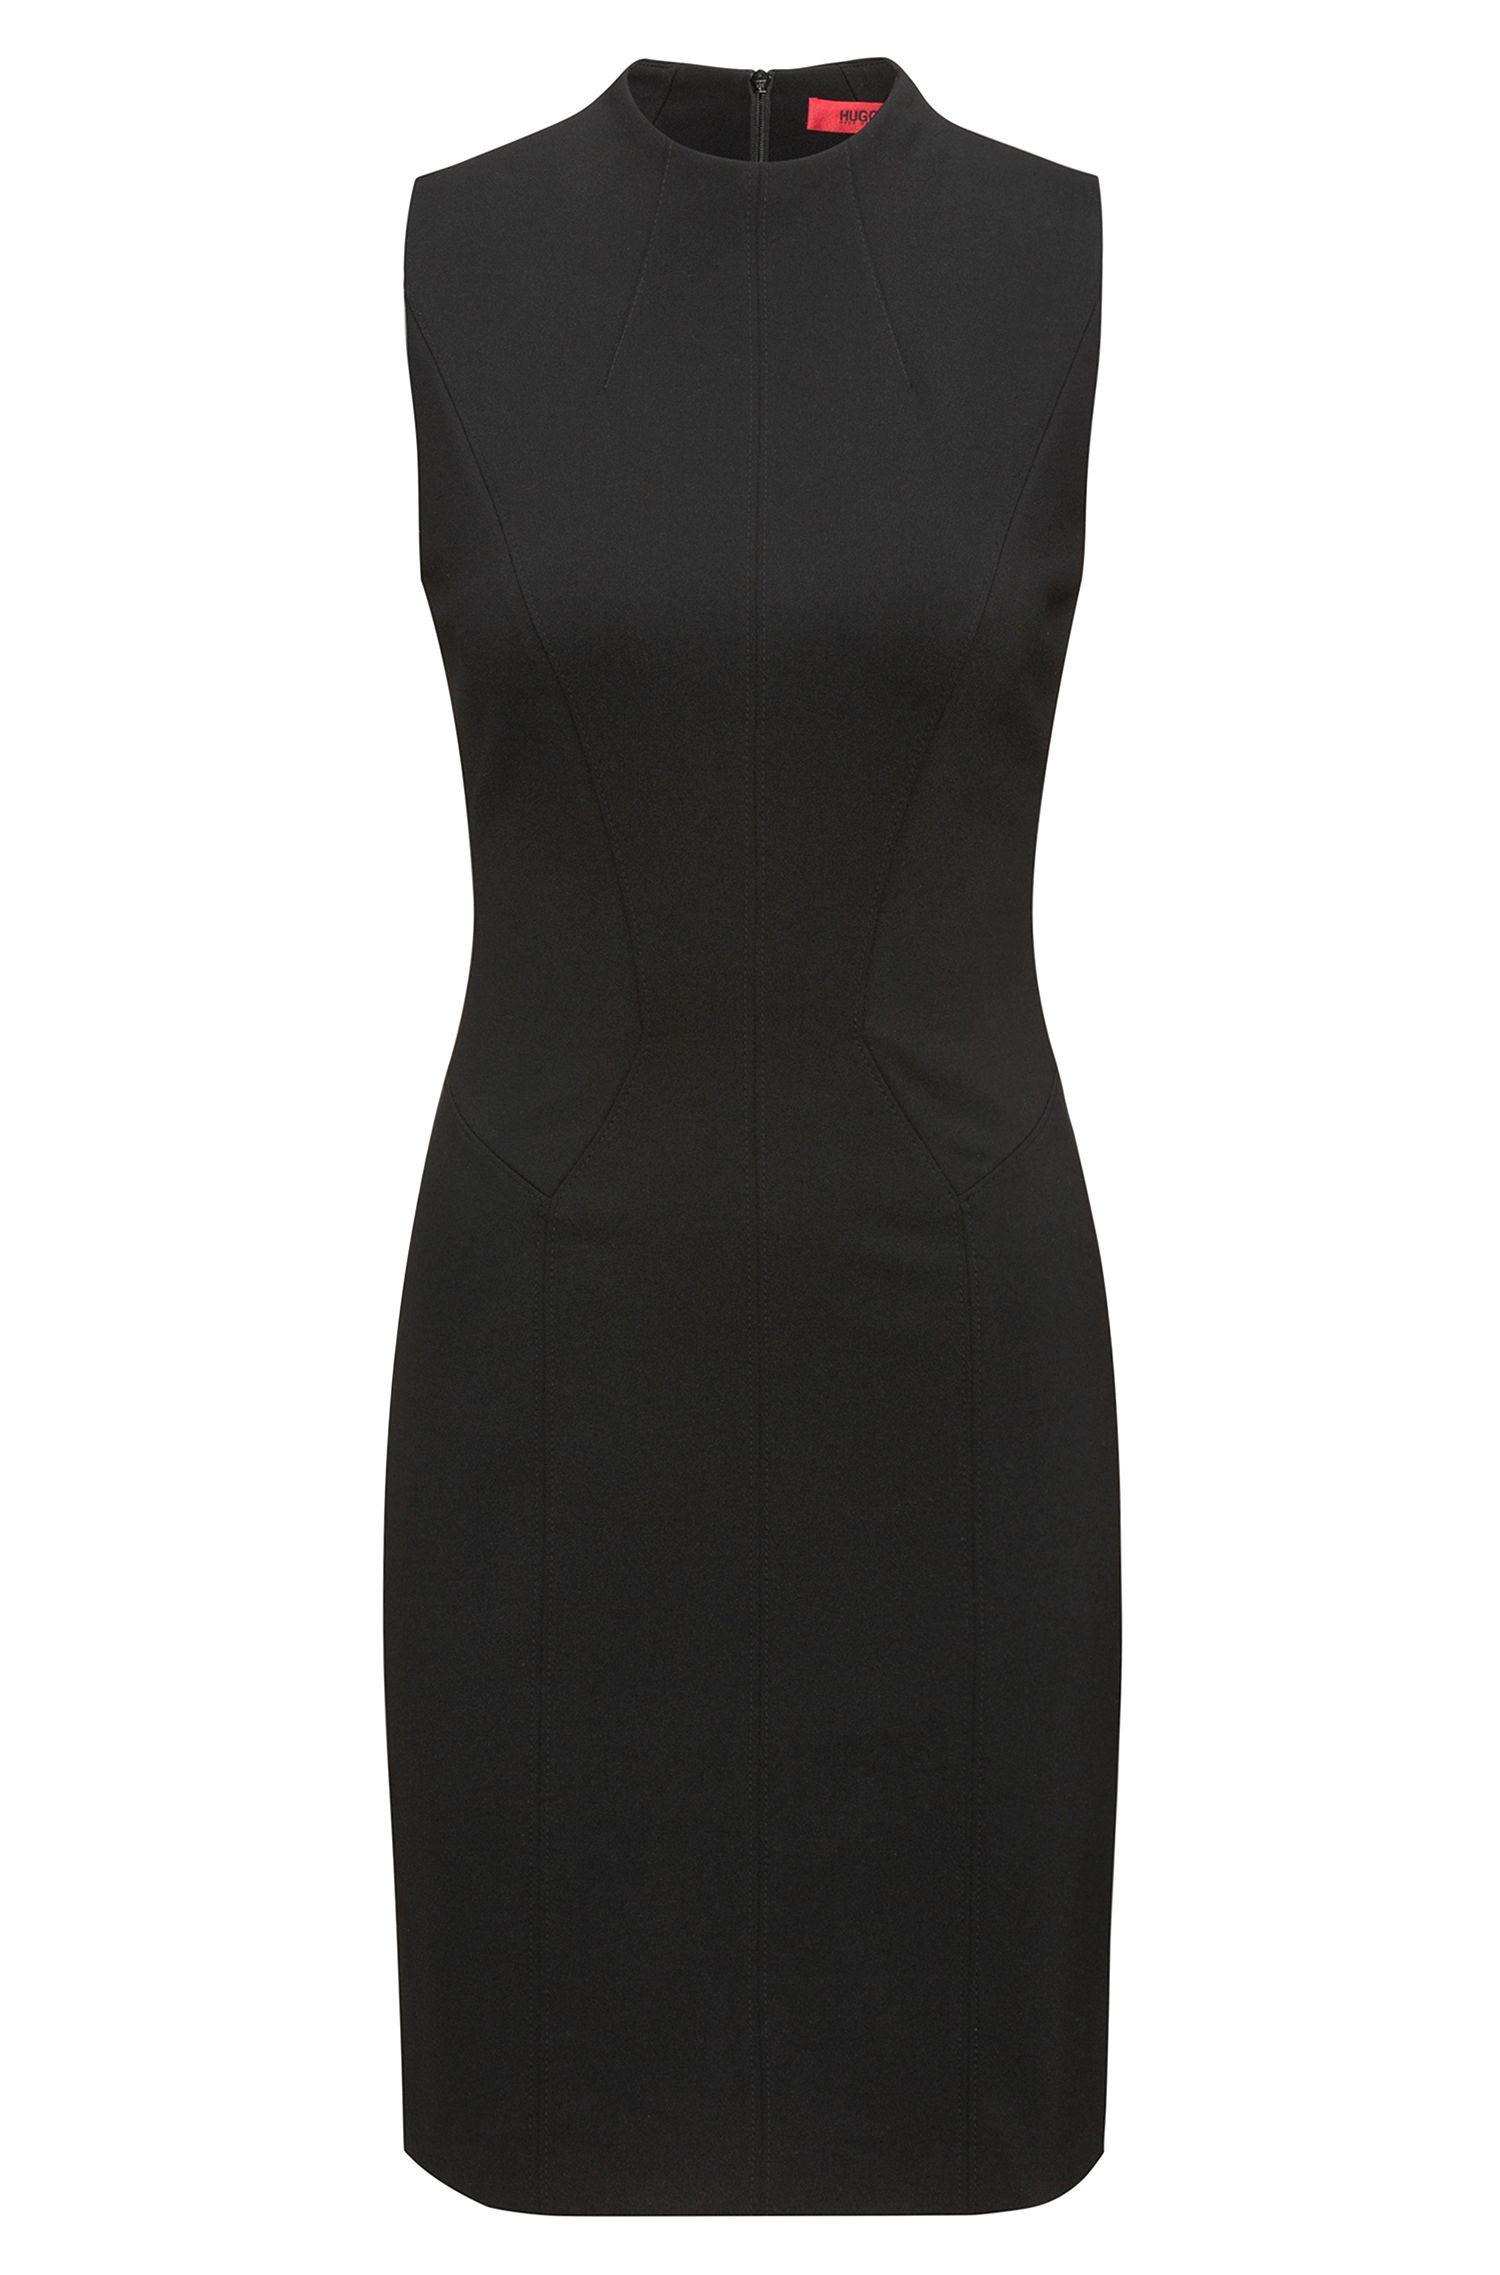 High-Collar Sheath Dress | Kihara